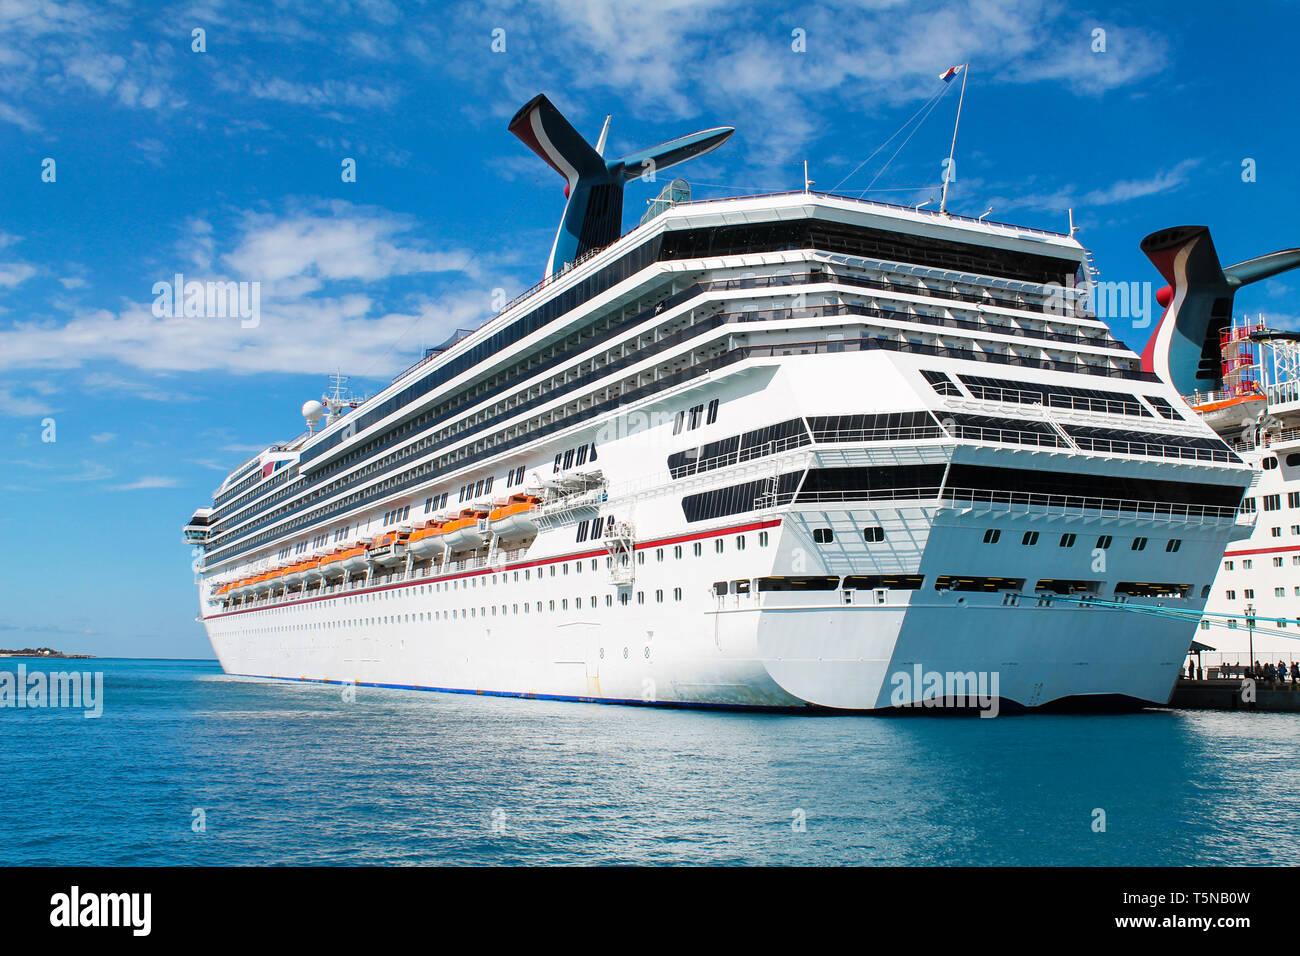 Cruise ship anchored in Nassau - Bahamas - Stock Image